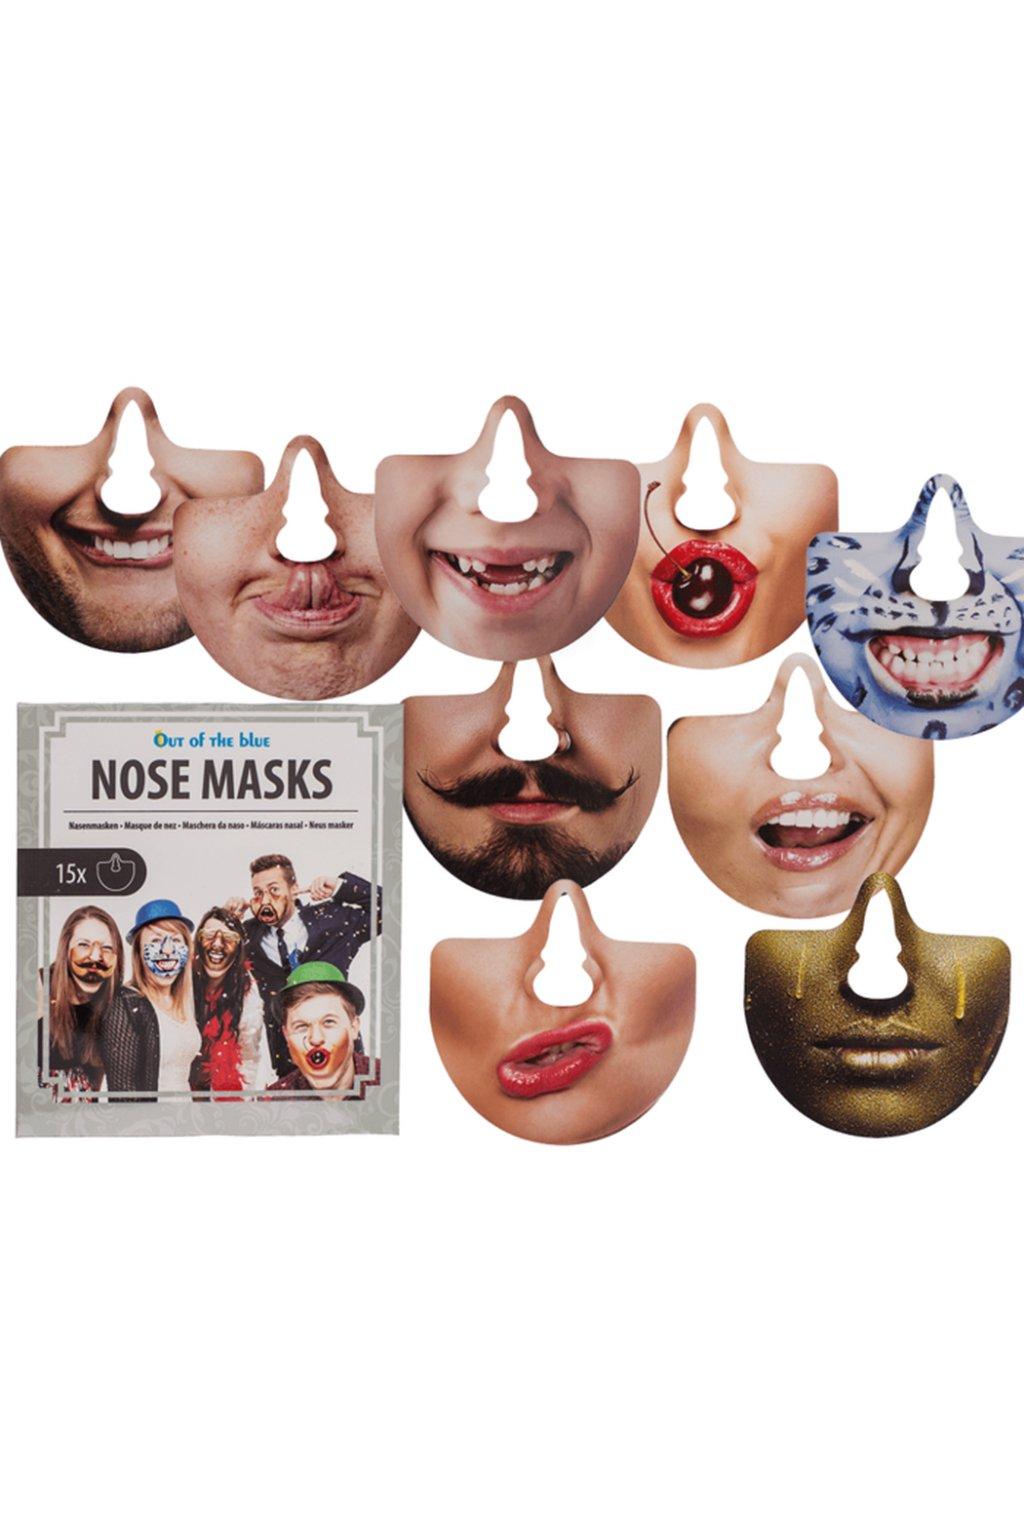 party photo accessoires nose masks 49098